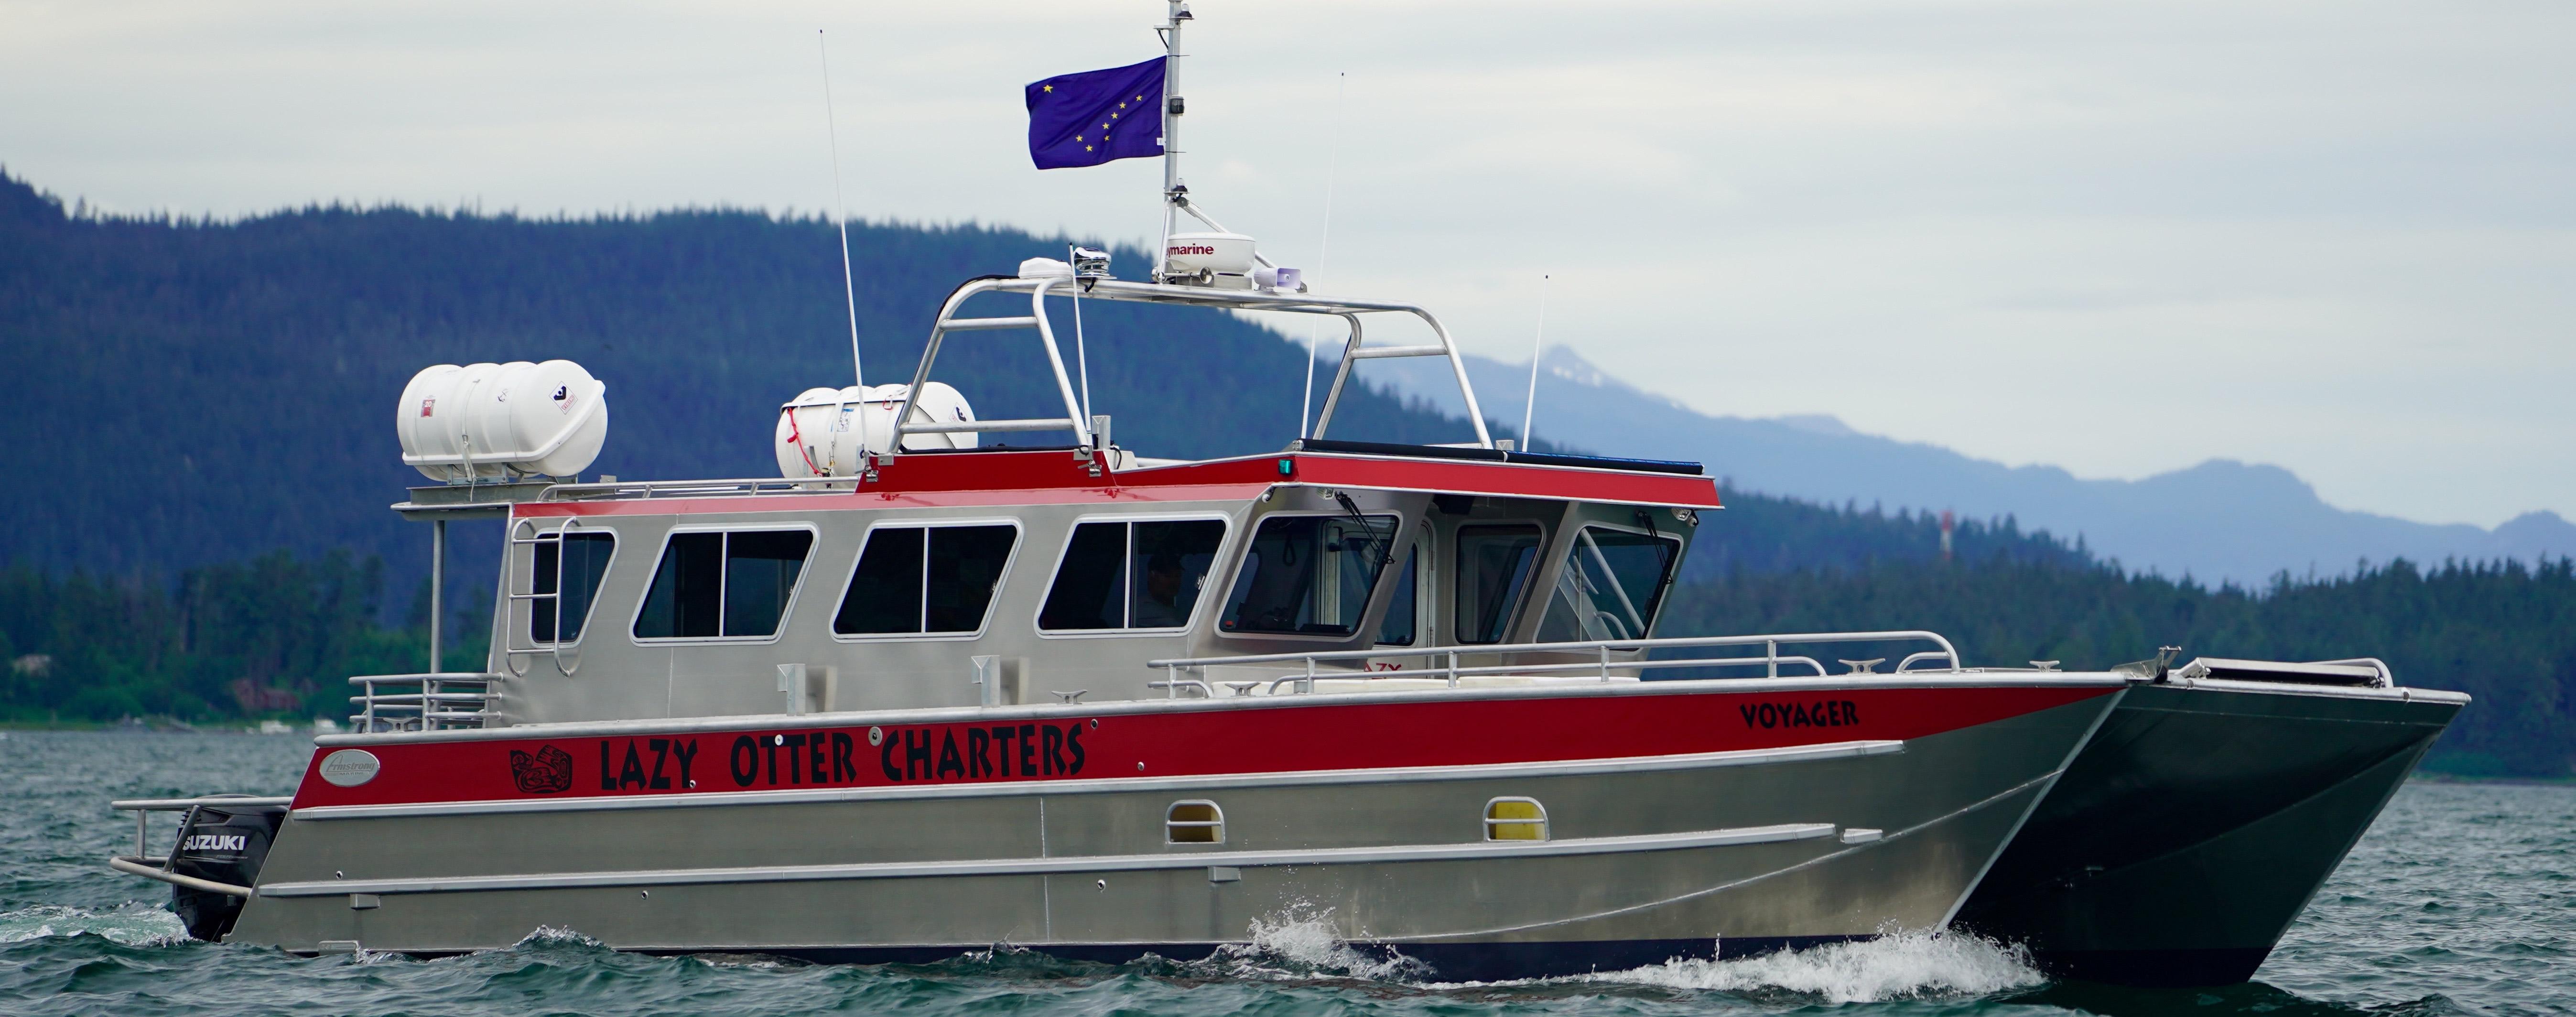 Whittier Boat Tours